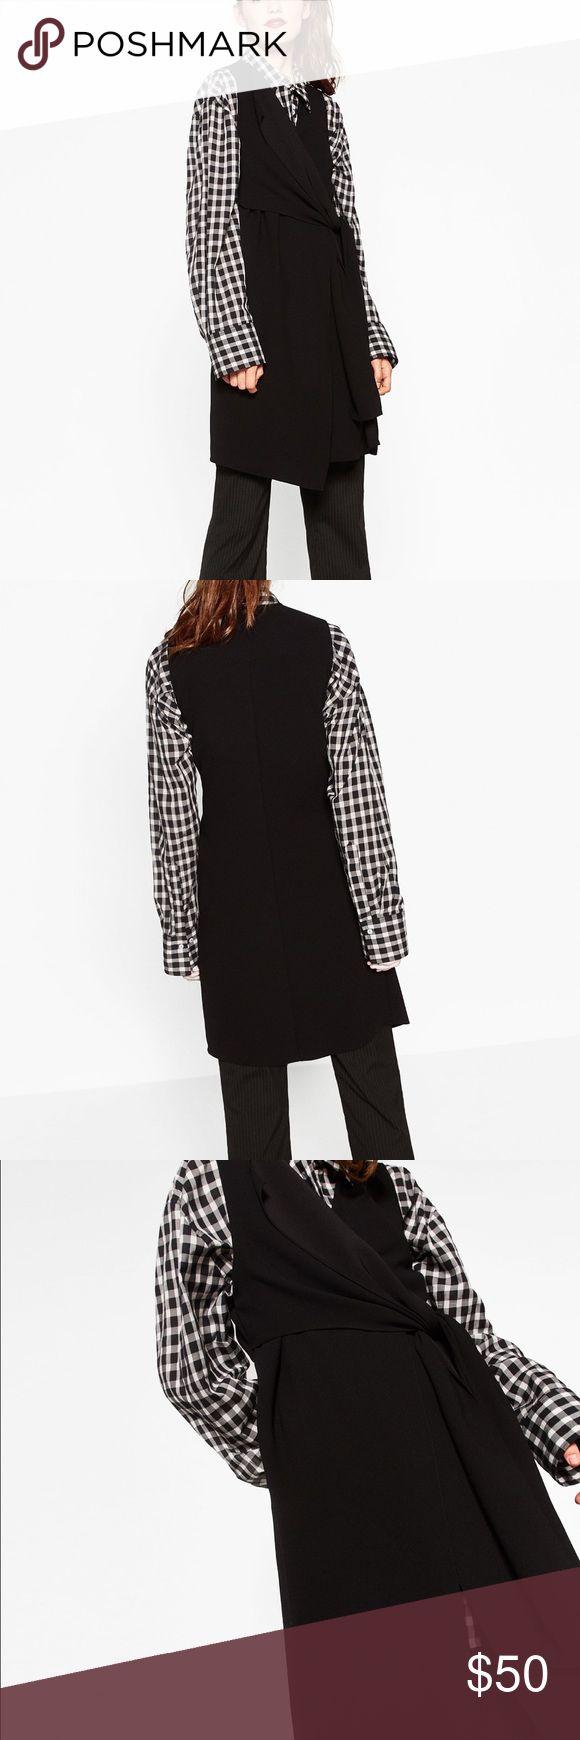 Zara black waistcoat Brand new with tag Zara Jackets & Coats